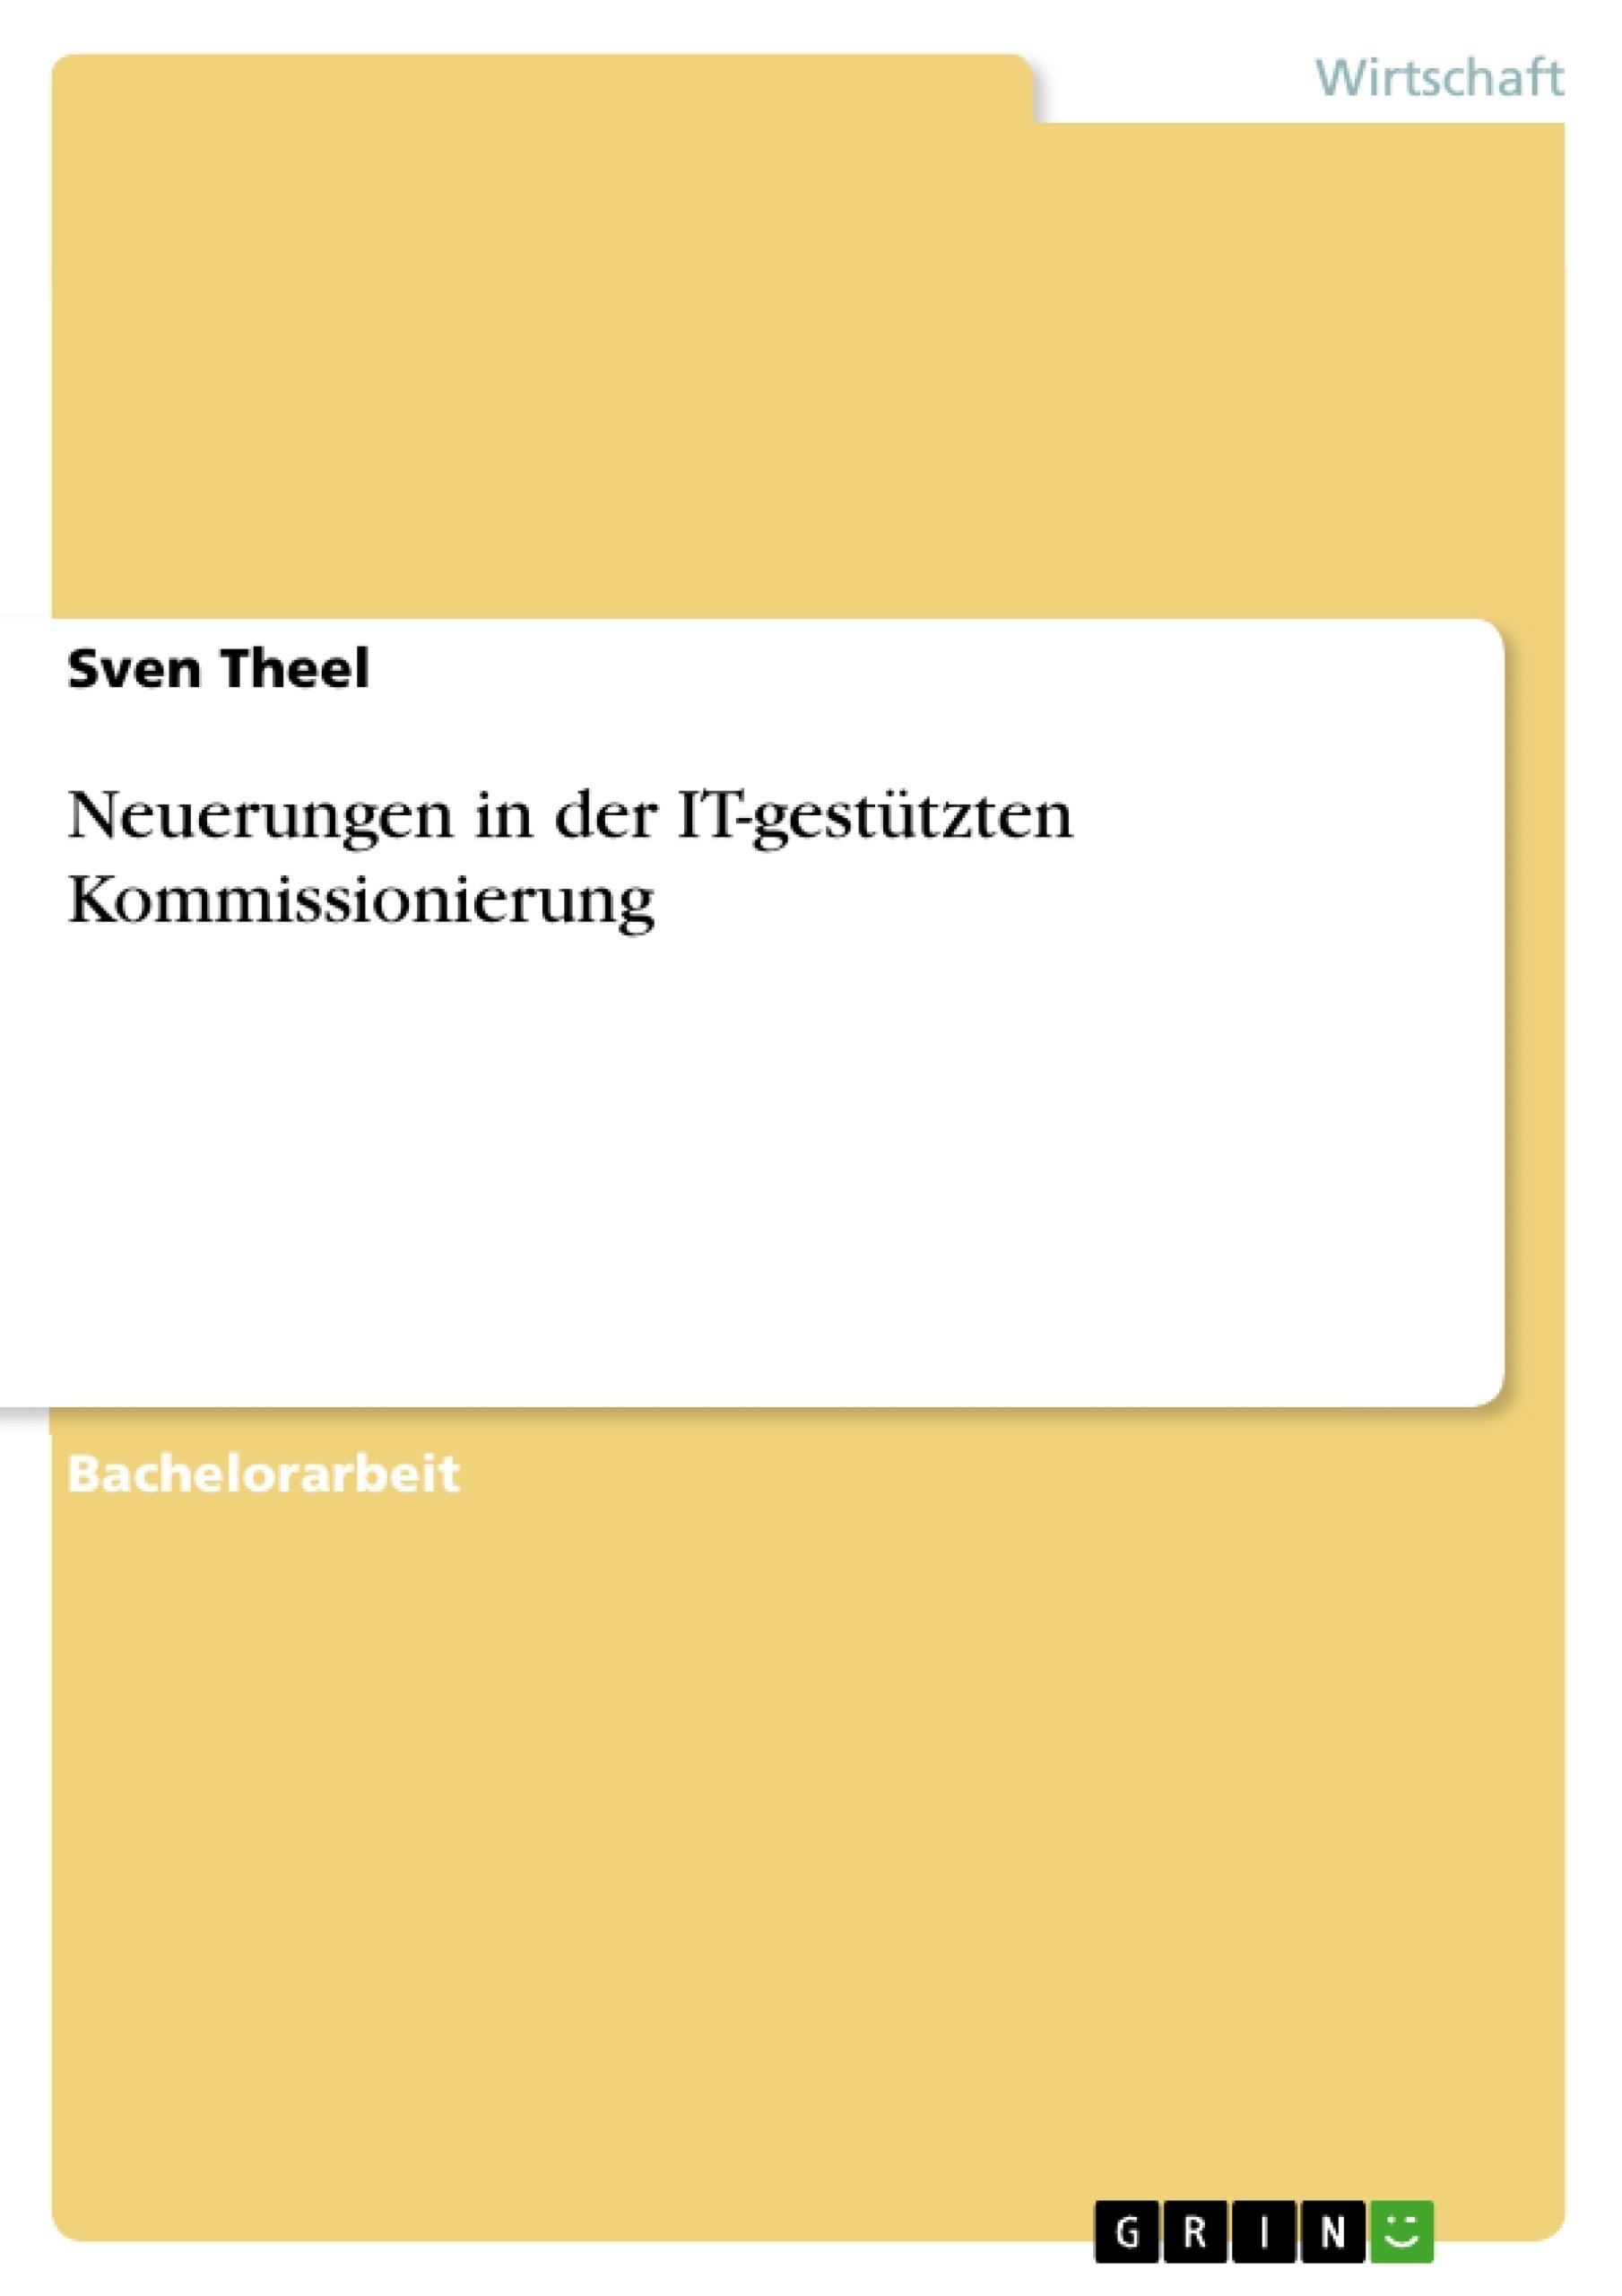 Titel: Neuerungen in der IT-gestützten Kommissionierung